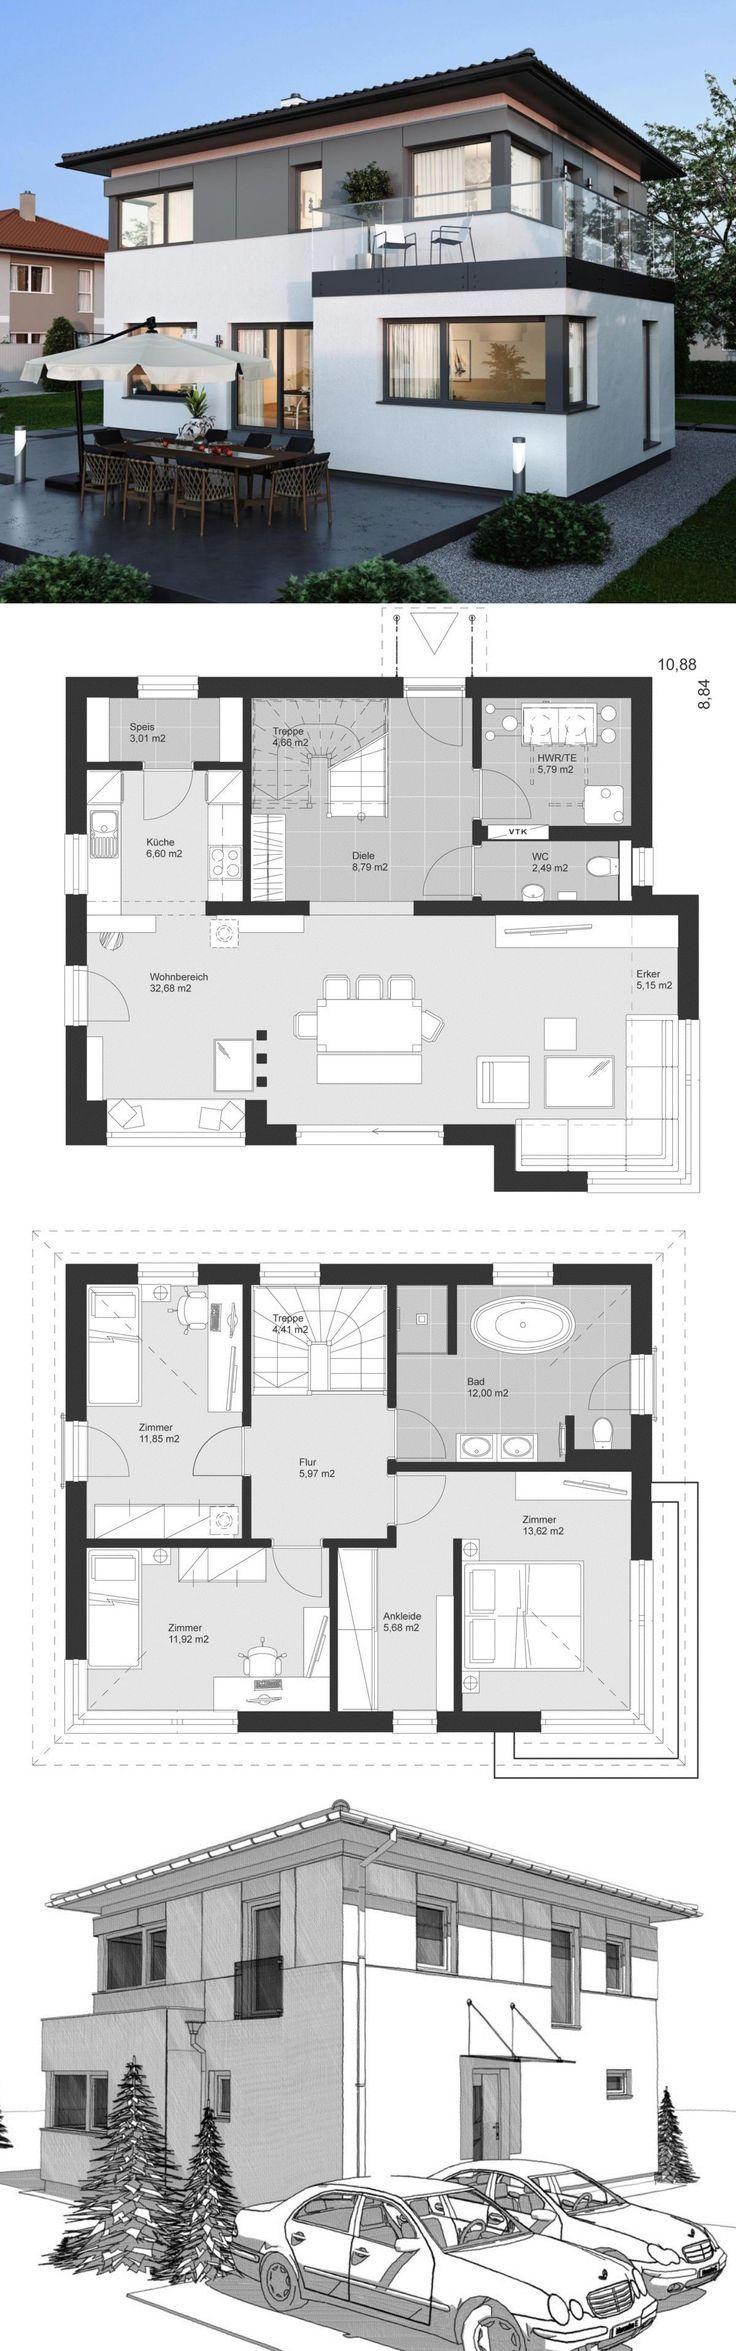 Moderne Landhaus Stadtvilla mit Walmdach Baukunst, Holzfassade & 4 Zimmer Gru…